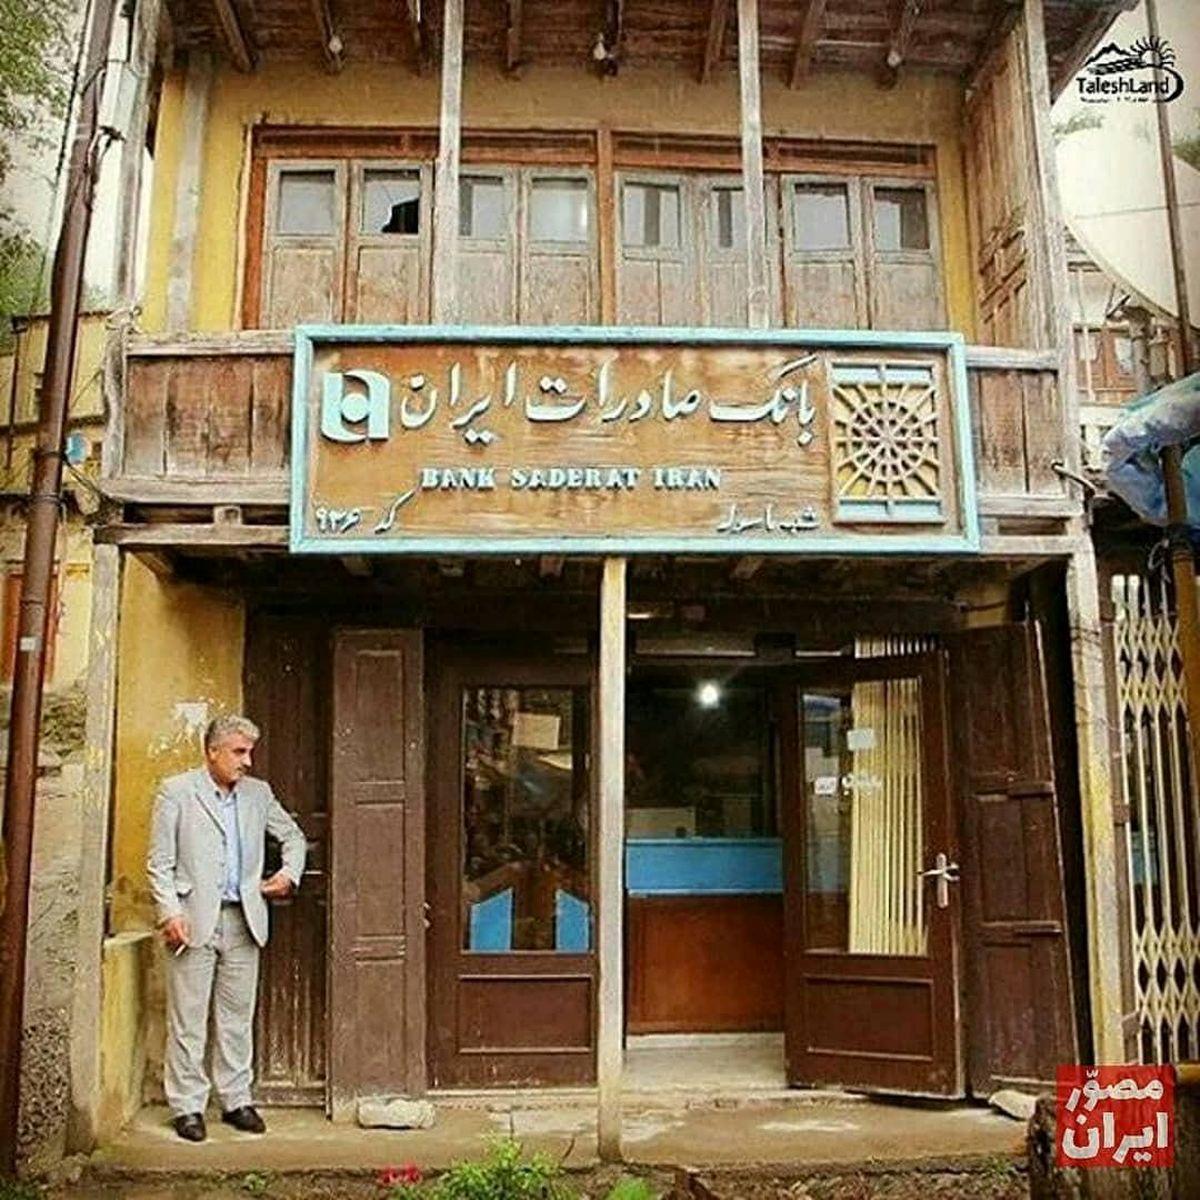 یک شعبه ی زیر خاکی از بانک صادرات ایران+عکس